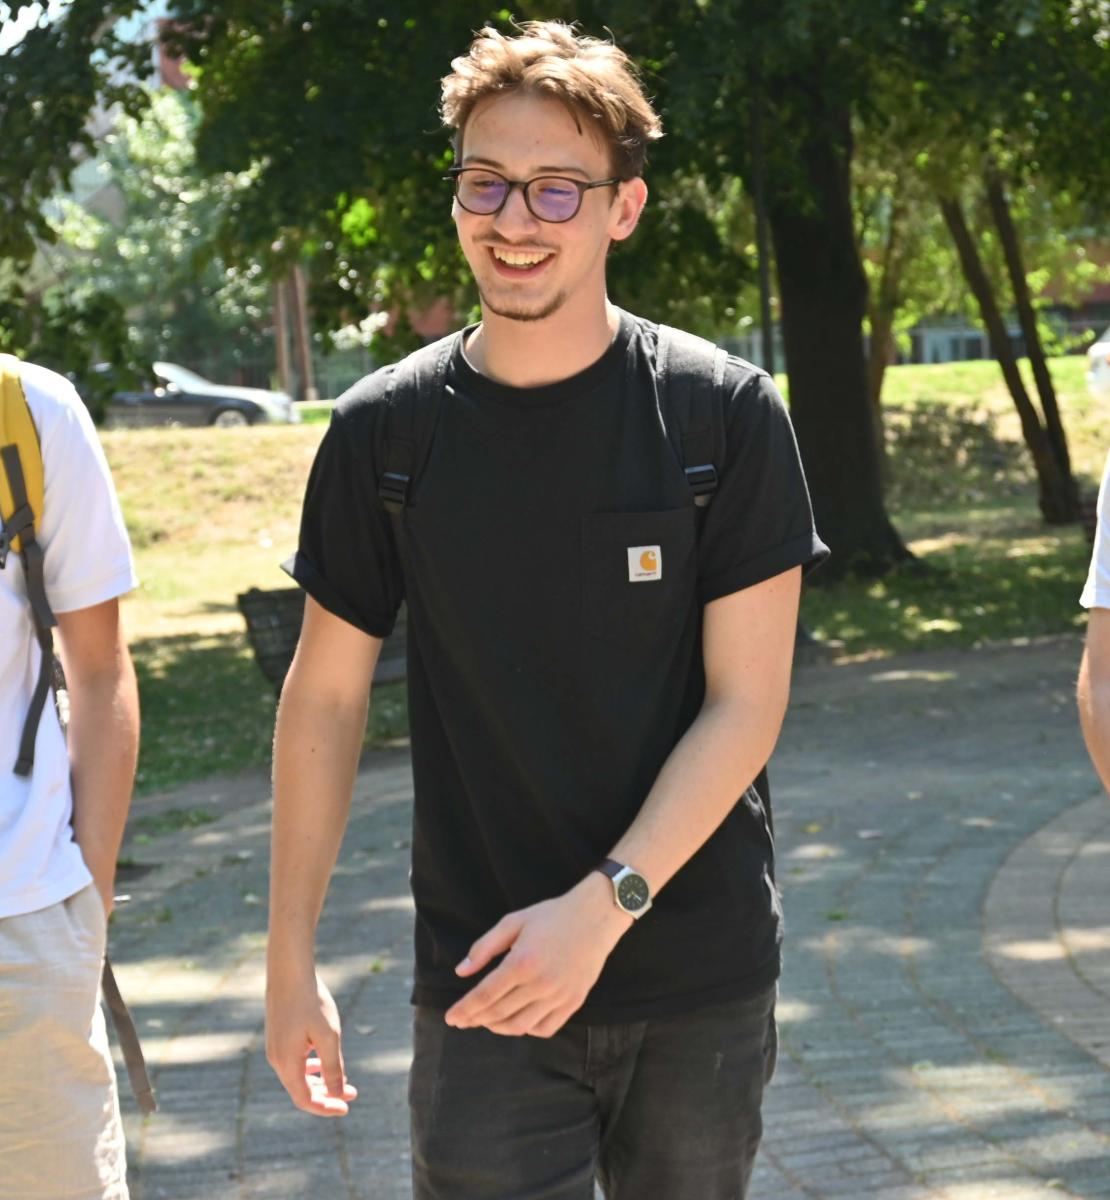 三个年轻人,泰奥(左)、欧尔罕(中)和鲍里斯(右),一起在公园里快乐地散步。